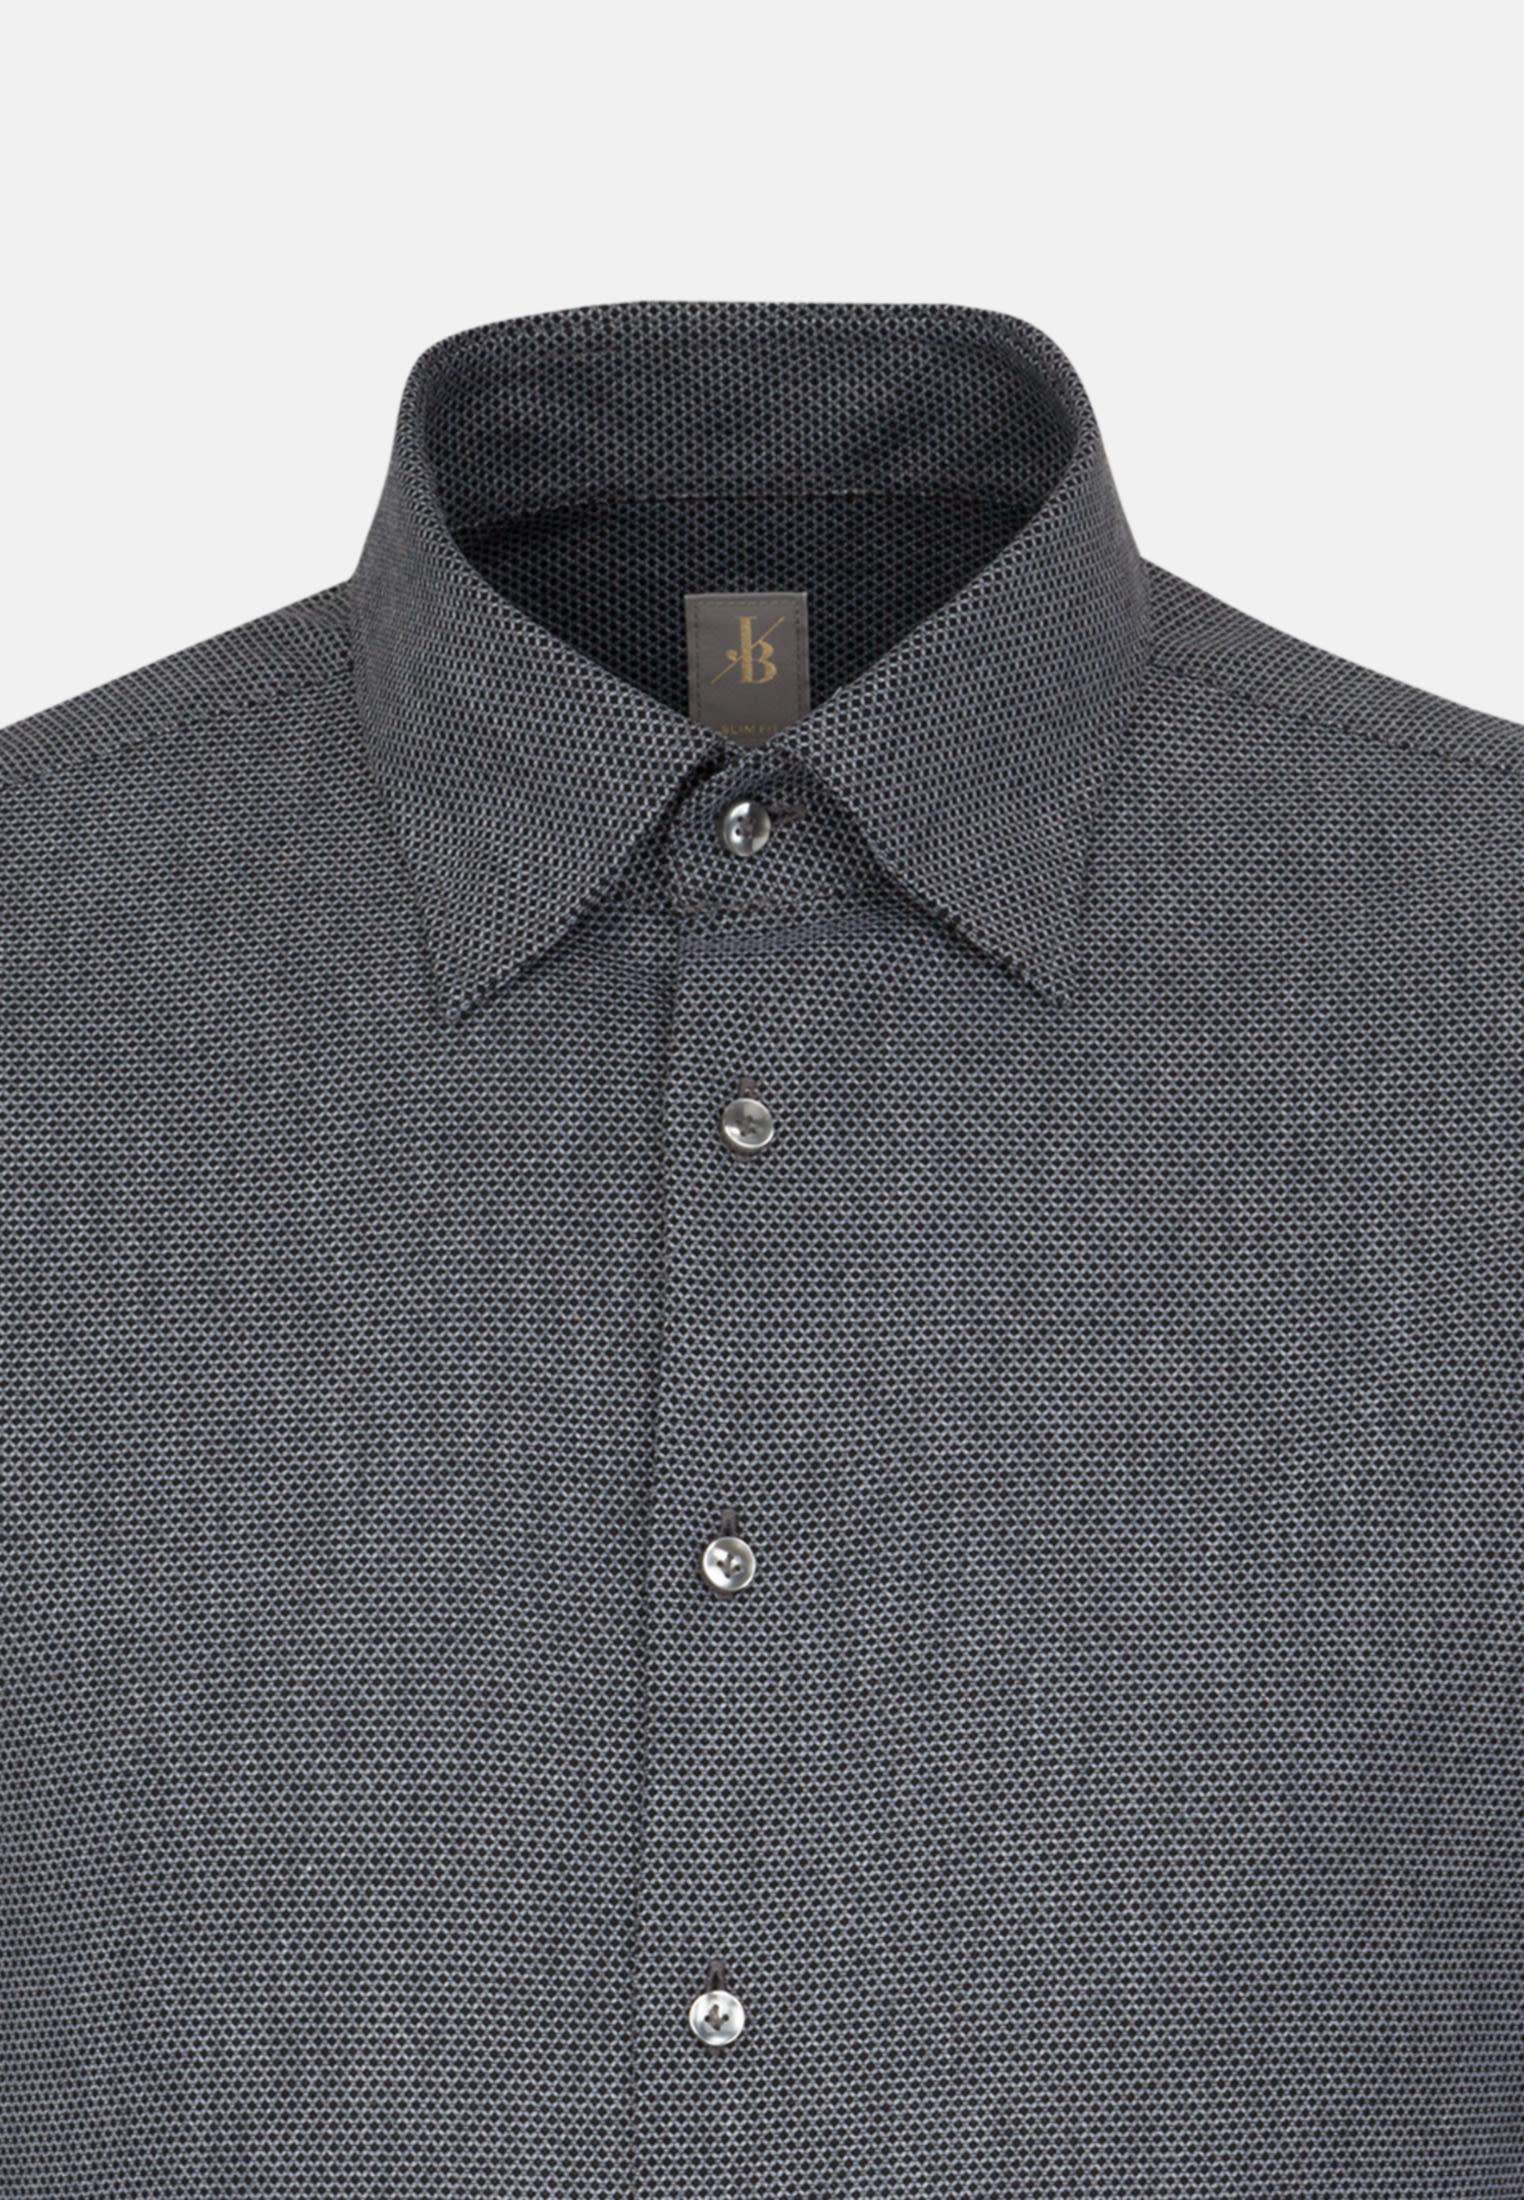 Struktur Business Hemd in Slim Fit mit Under-Button-Down-Kragen in Grau |  Jacques Britt Onlineshop